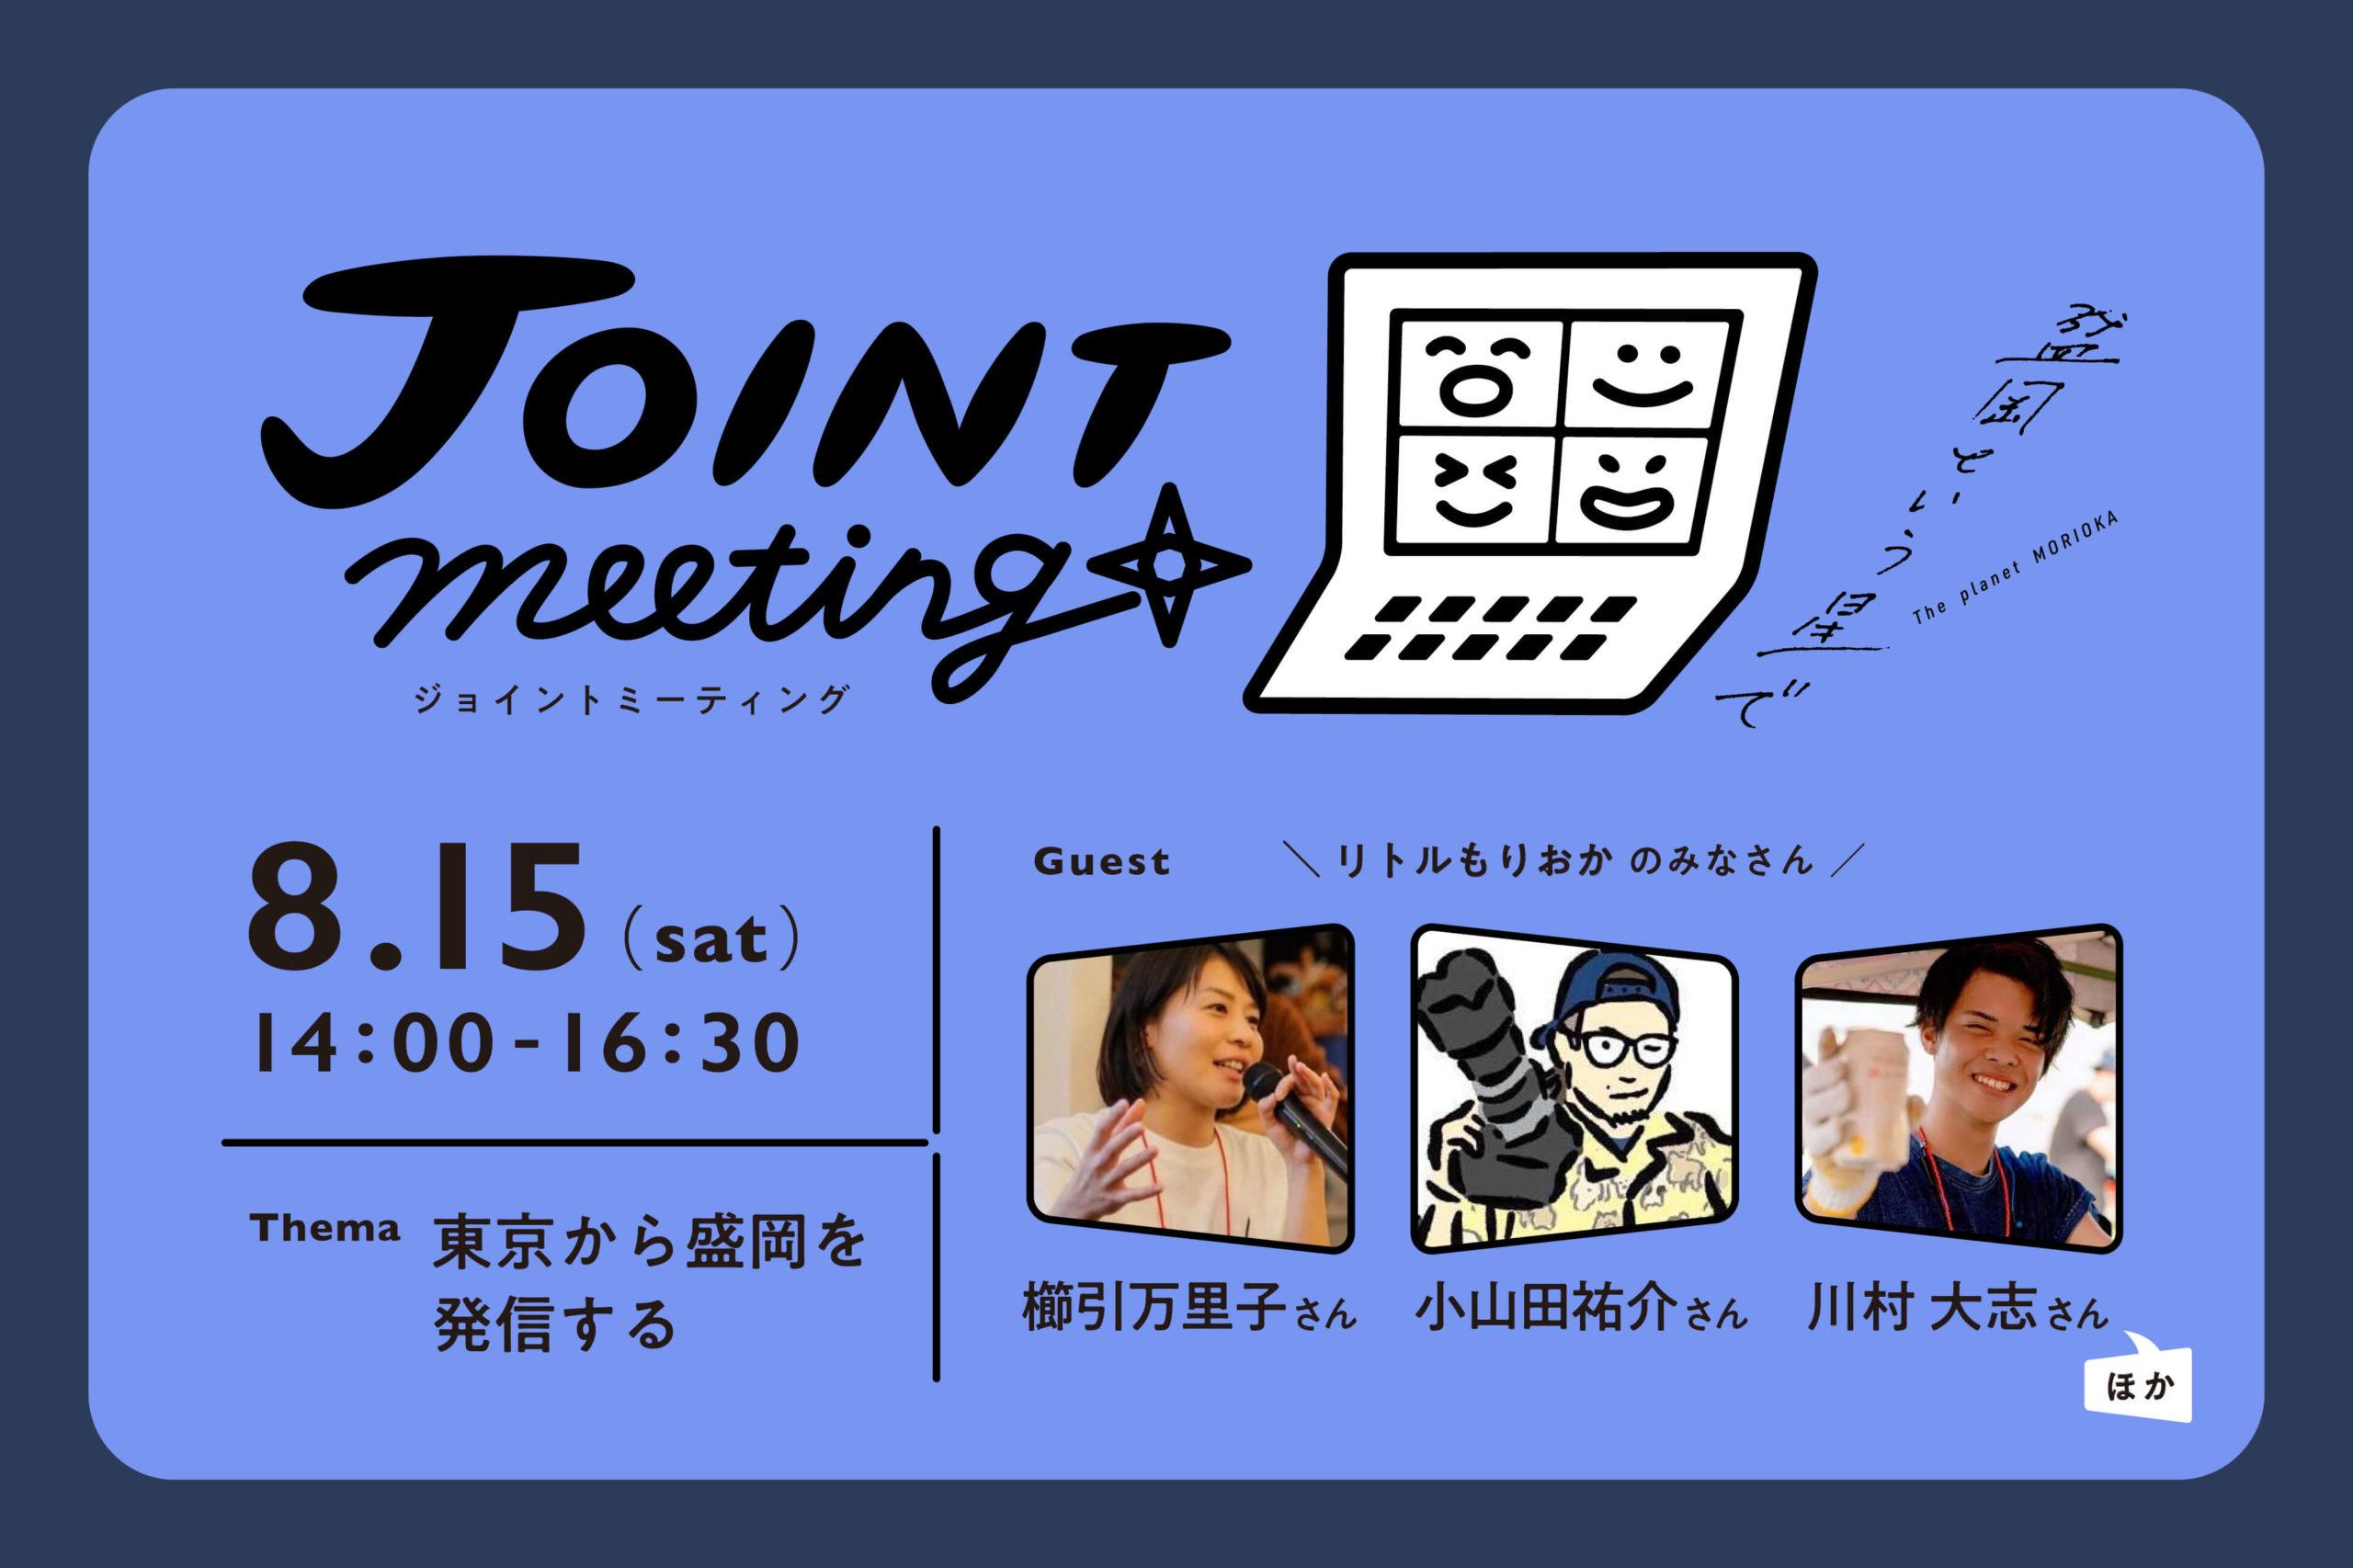 8月15日開催の「盛岡という星でジョイントミーティング」に参加します!